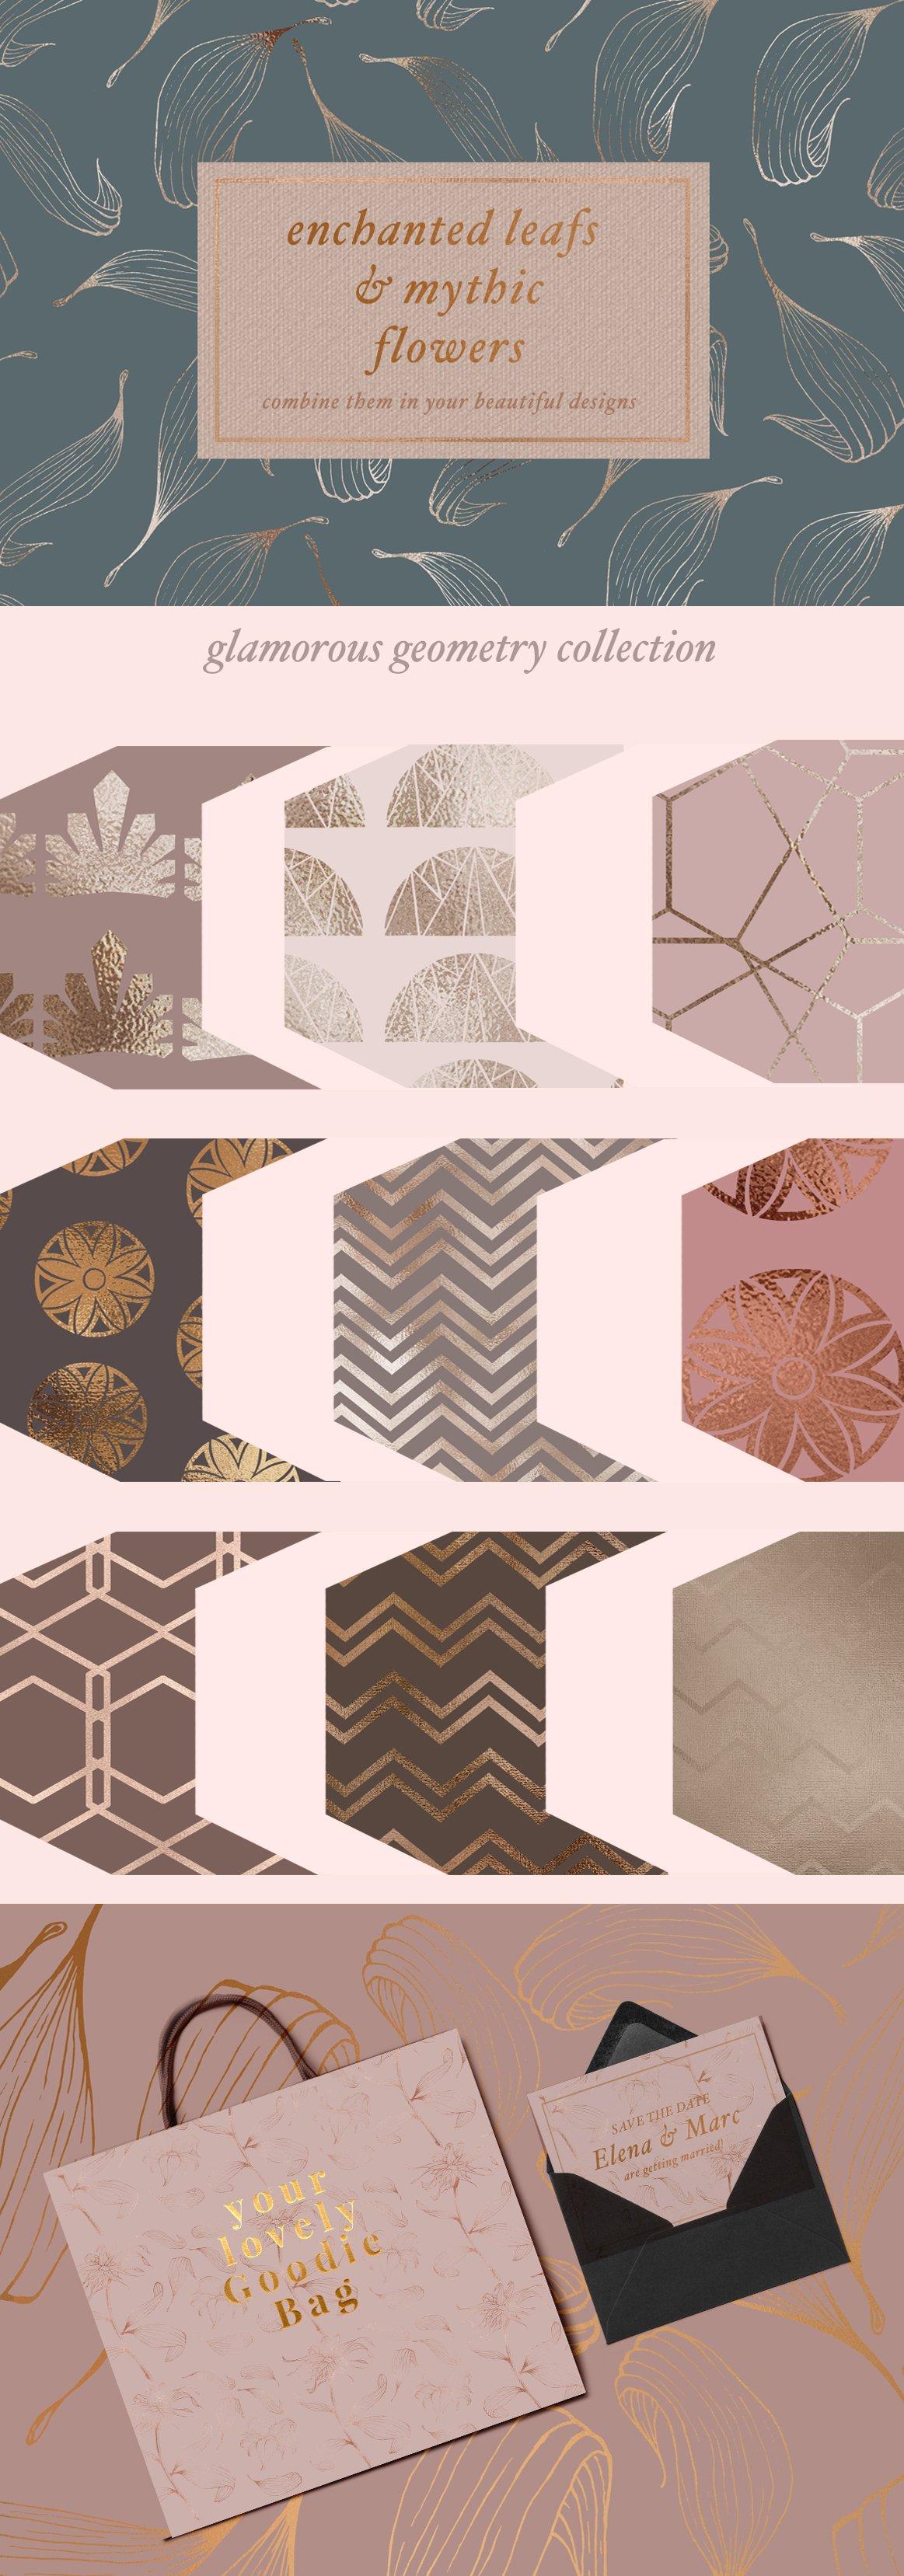 高品质的手绘花卉矢量插图&优雅数码纸纹理集合 70 Gold Patterns & Illustrations插图(6)